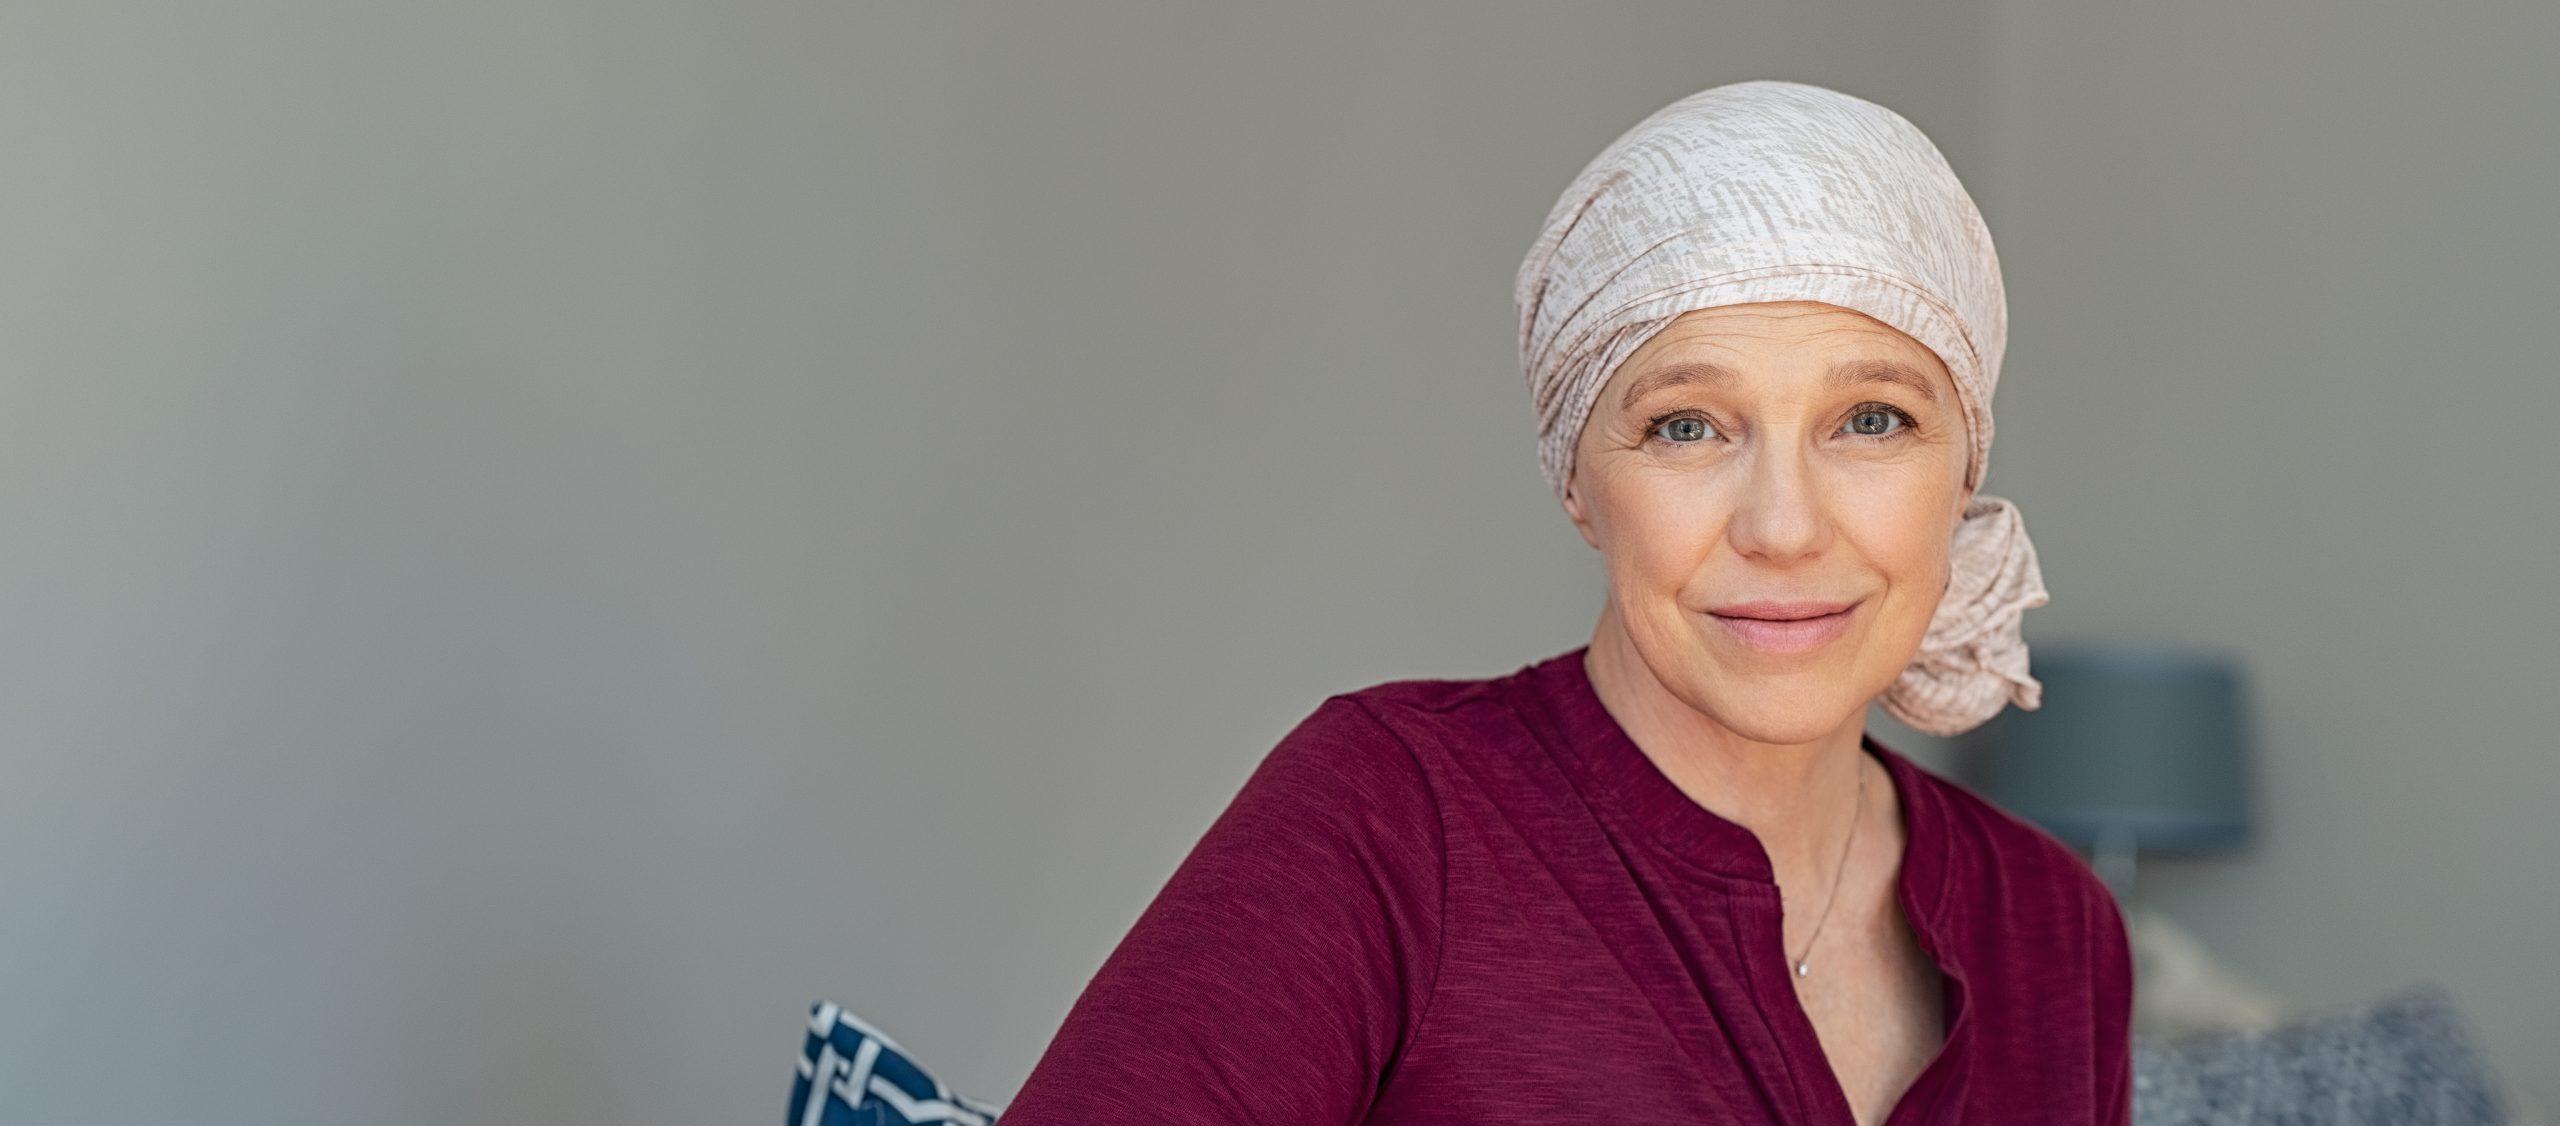 Ergotherapie bij oncologie